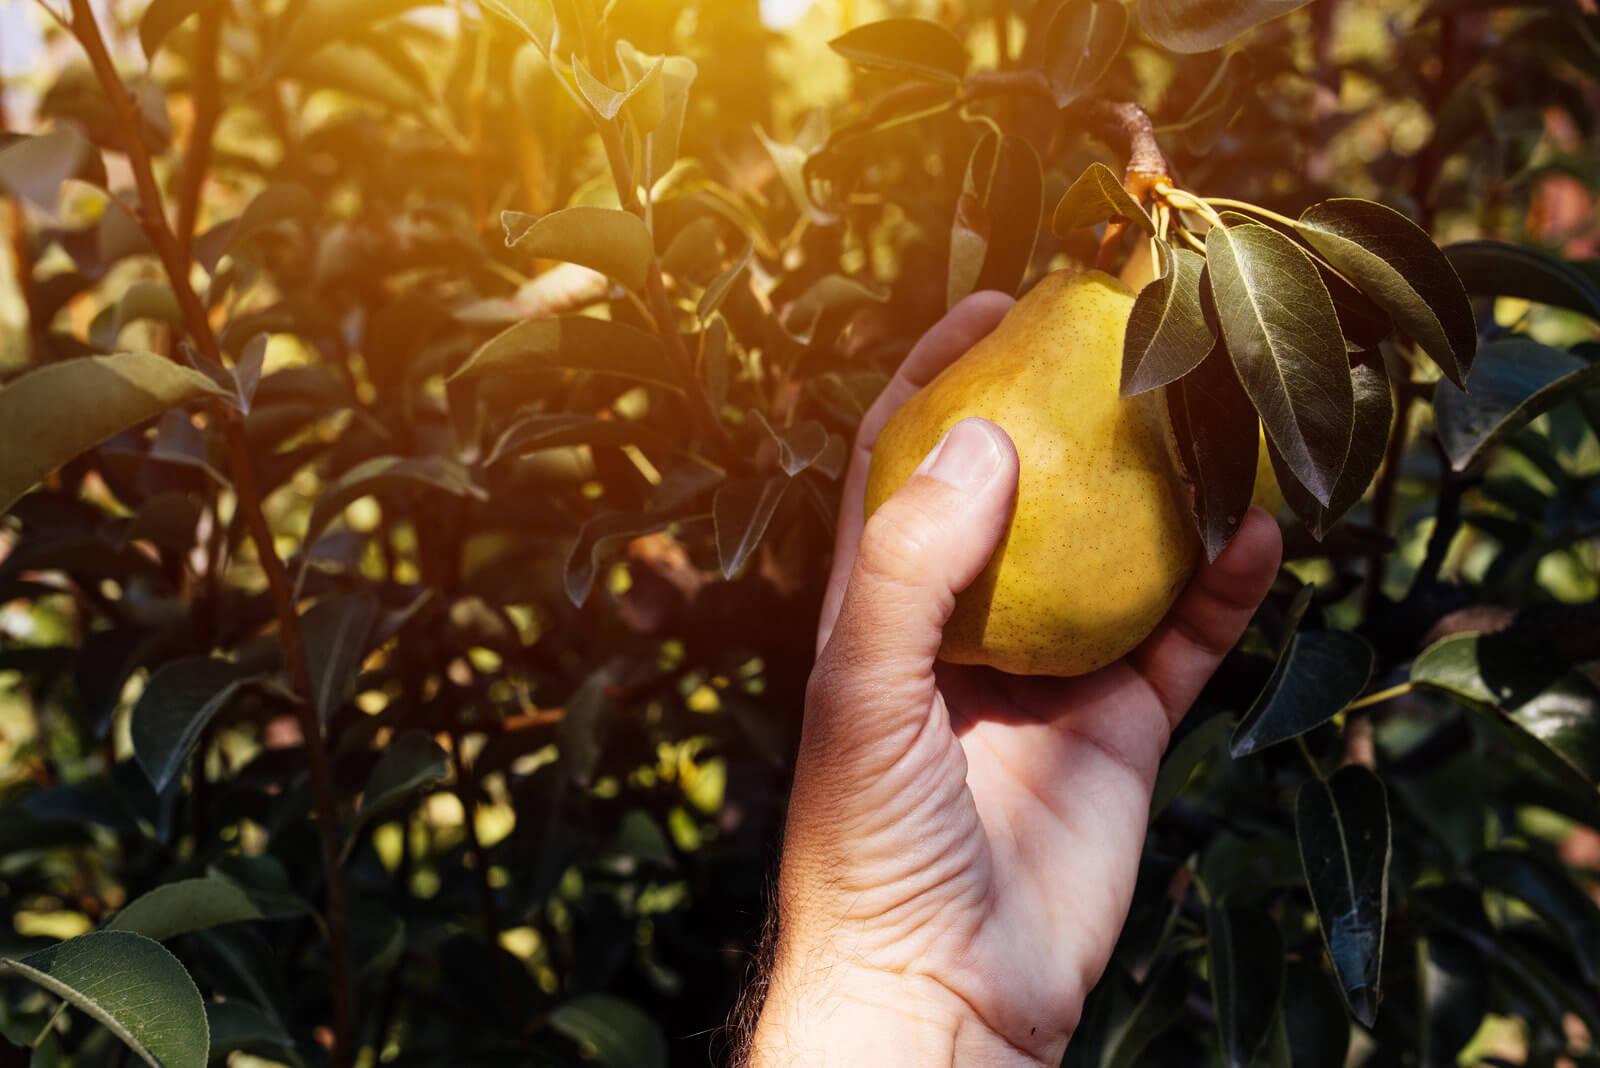 come raccogliere le pere dal ramo